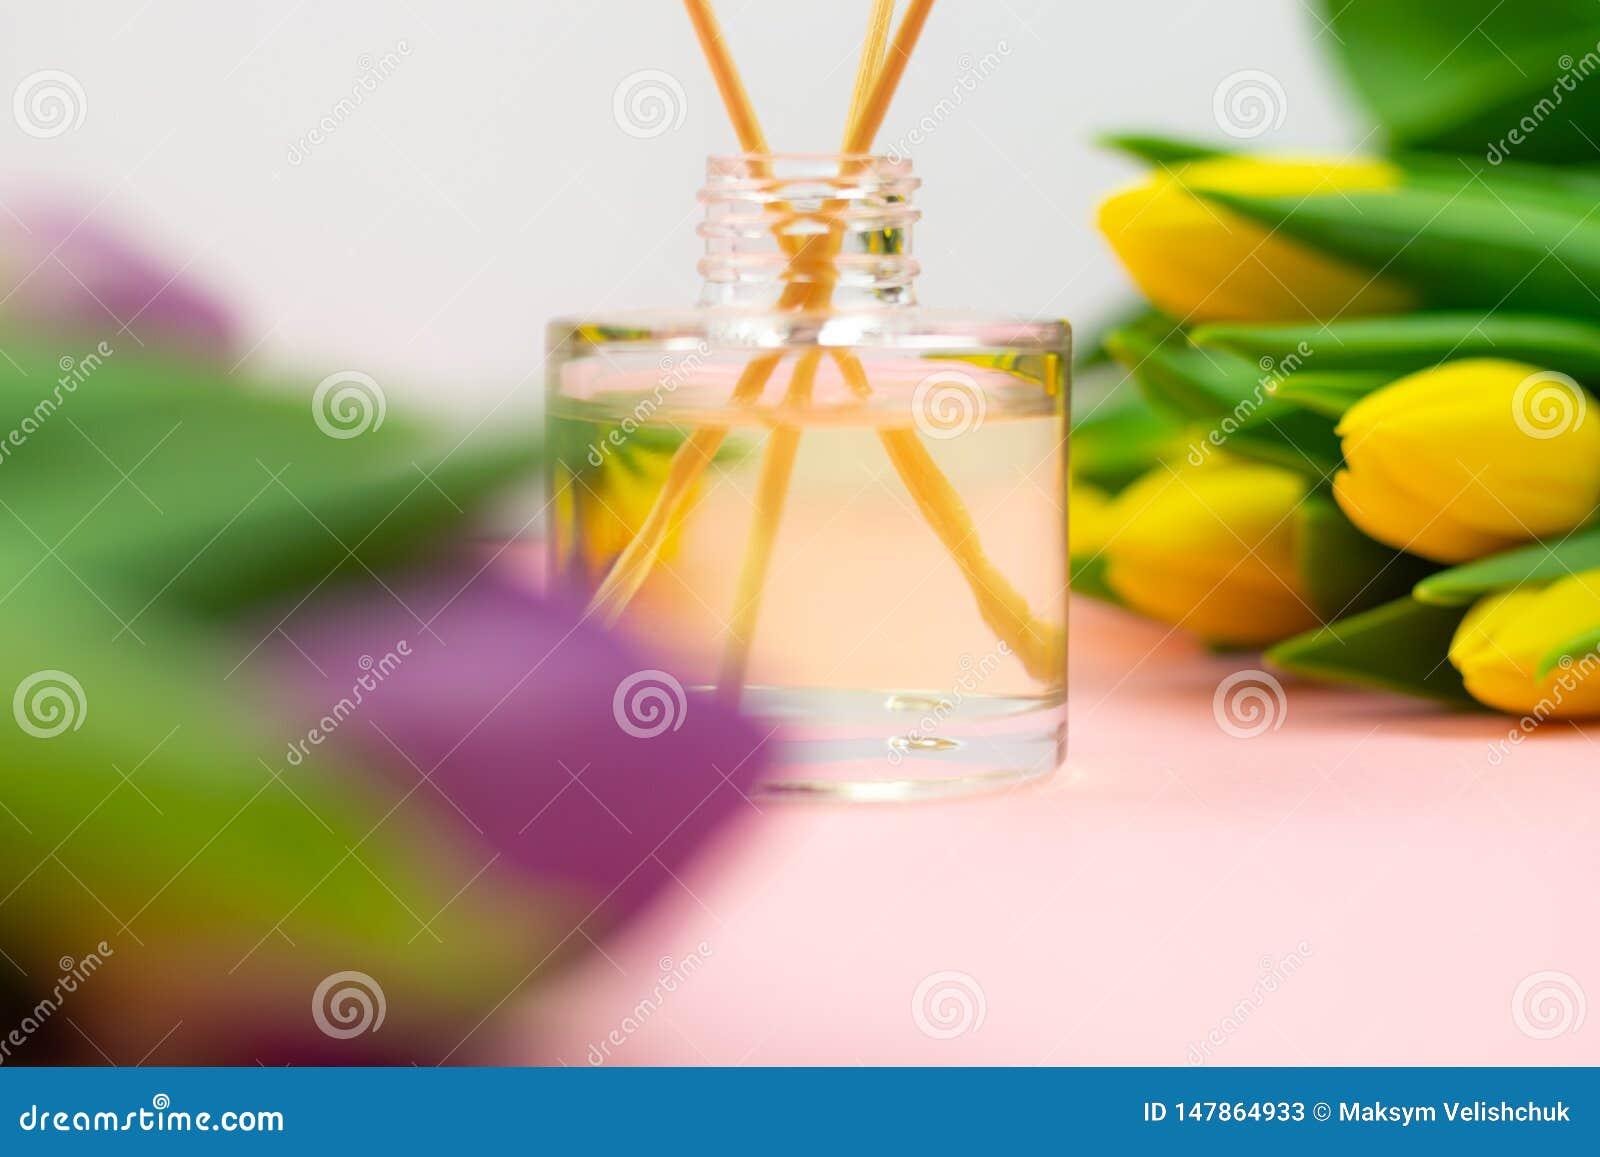 Ручки и тюльпаны ладана на розовой предпосылке